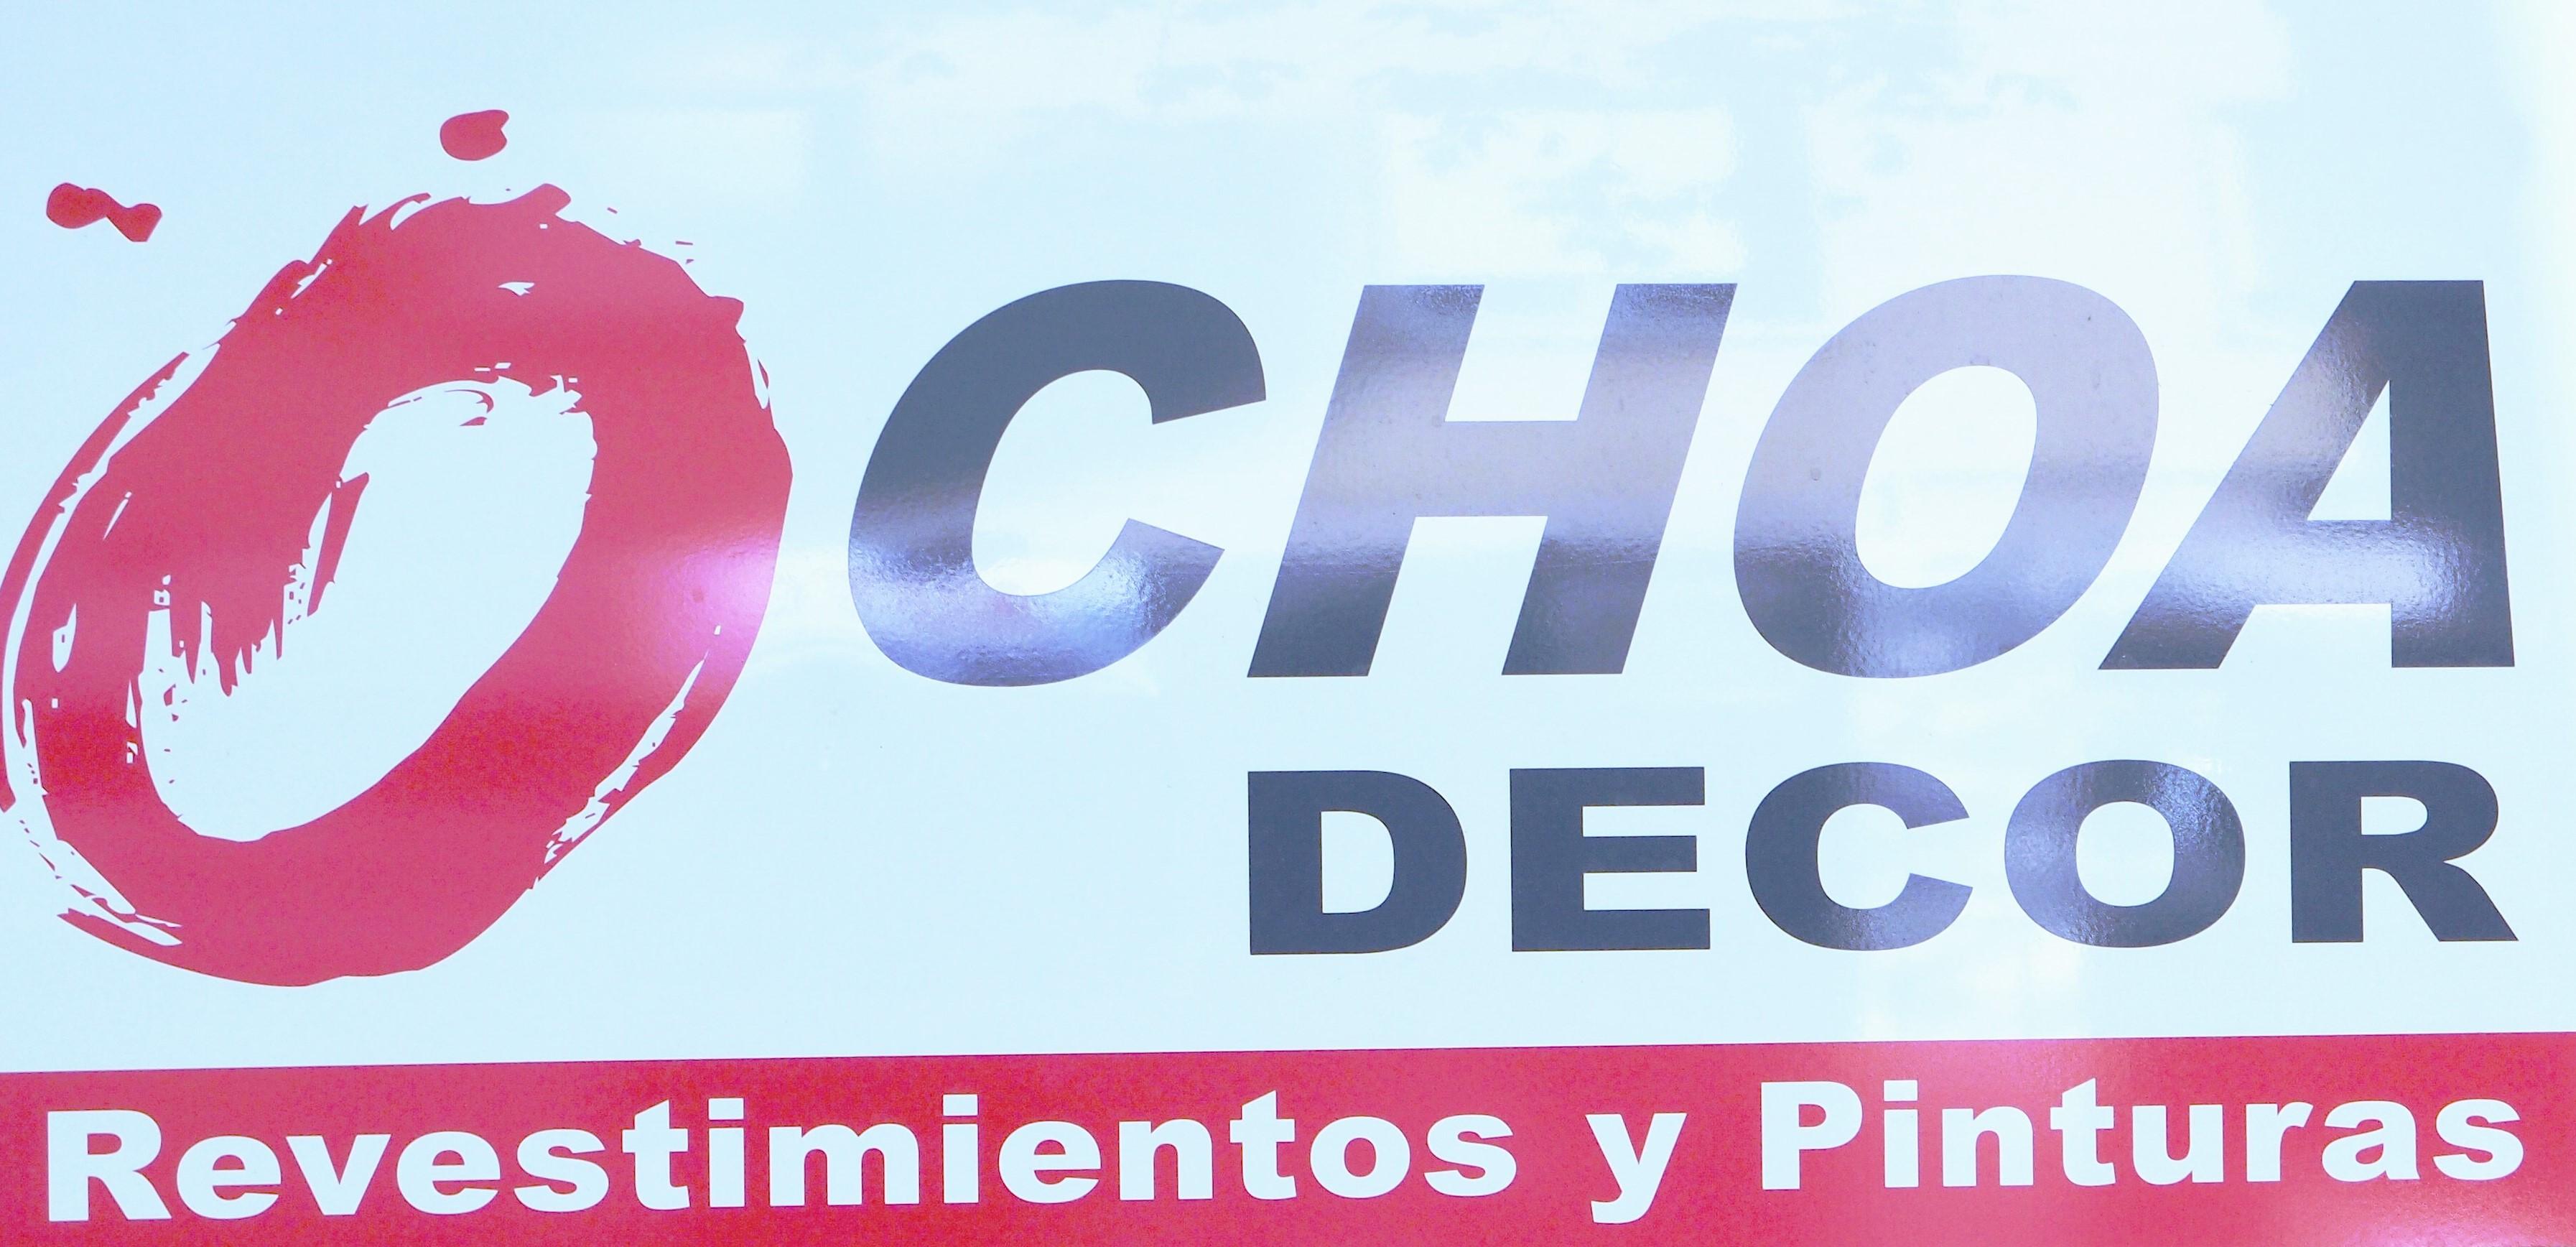 Ochoadecor